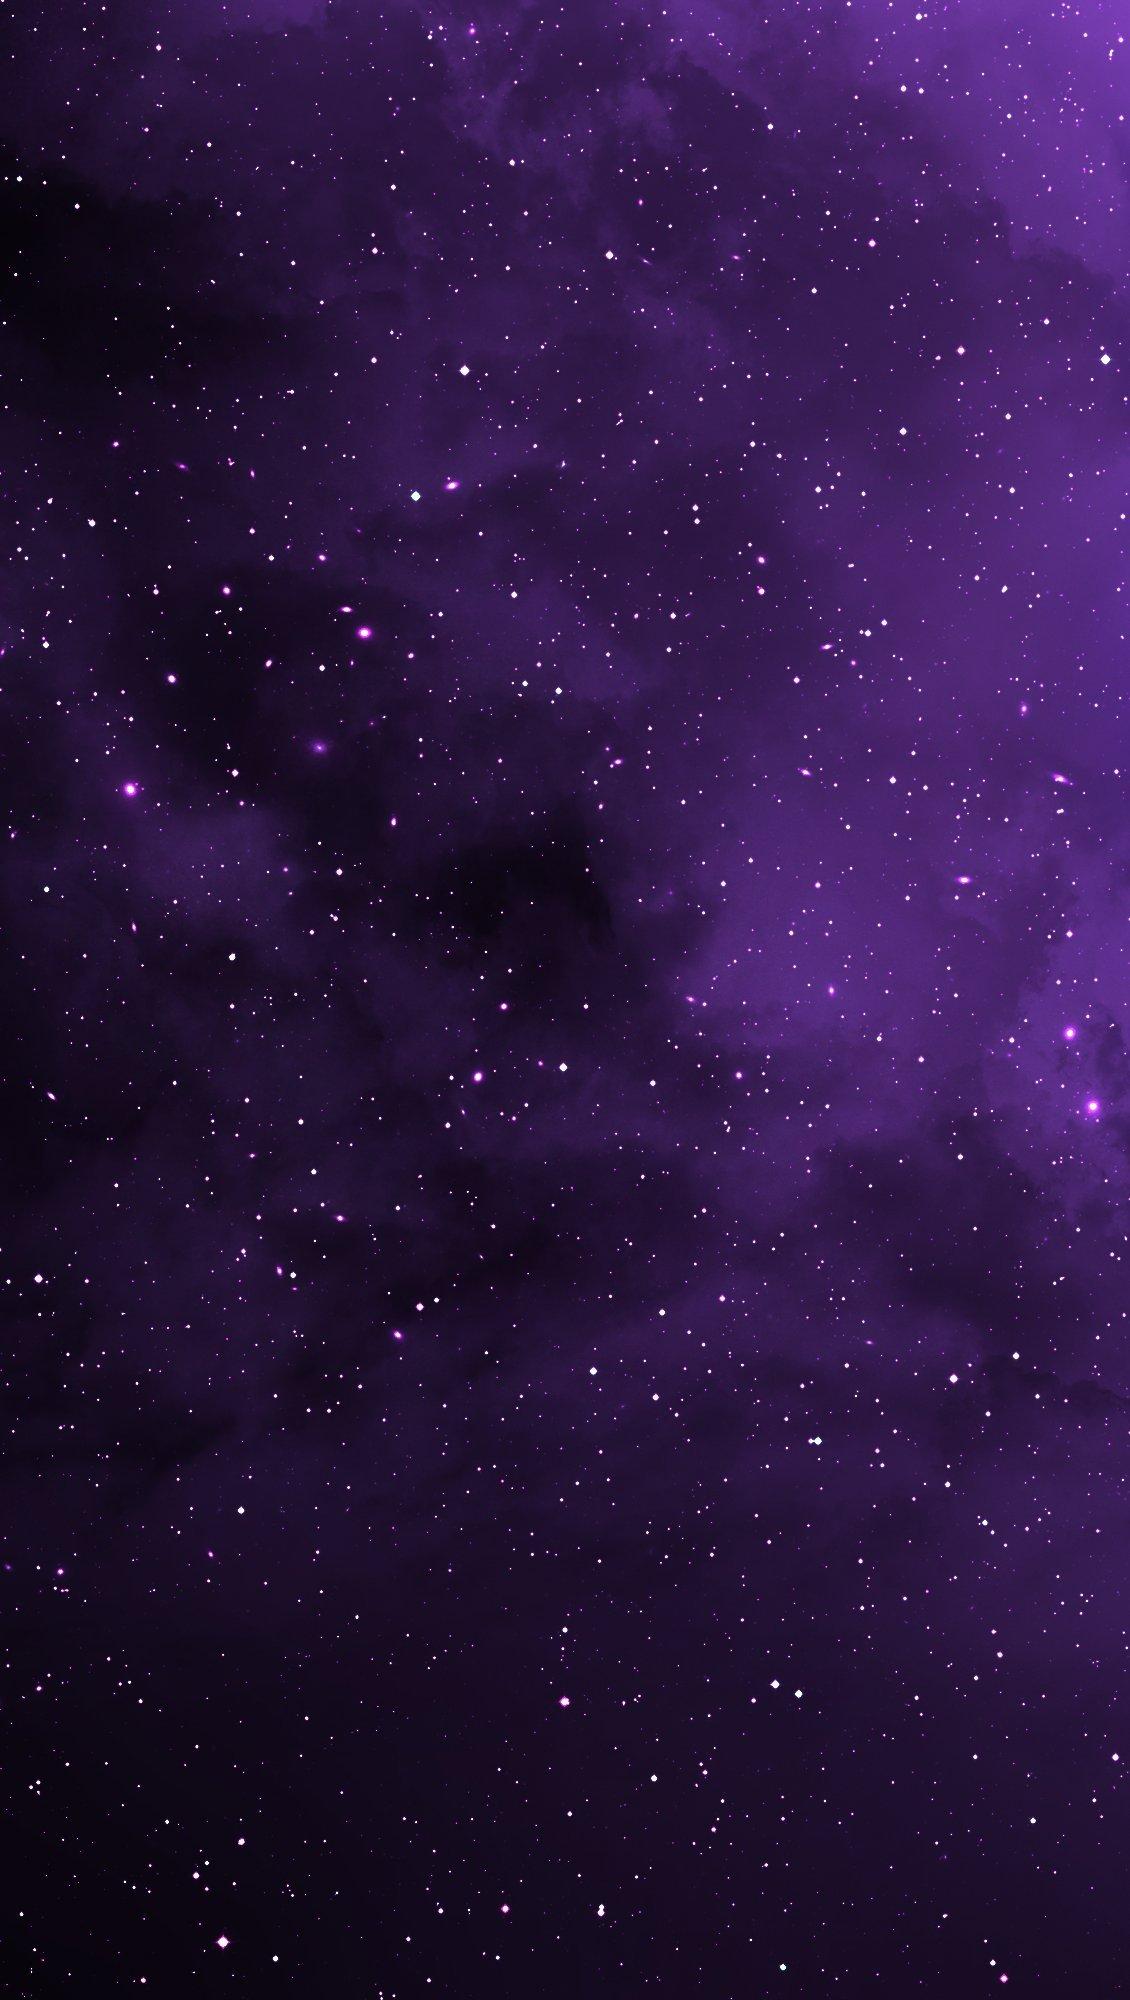 Fondos de pantalla Estrellas en el universo morado Vertical